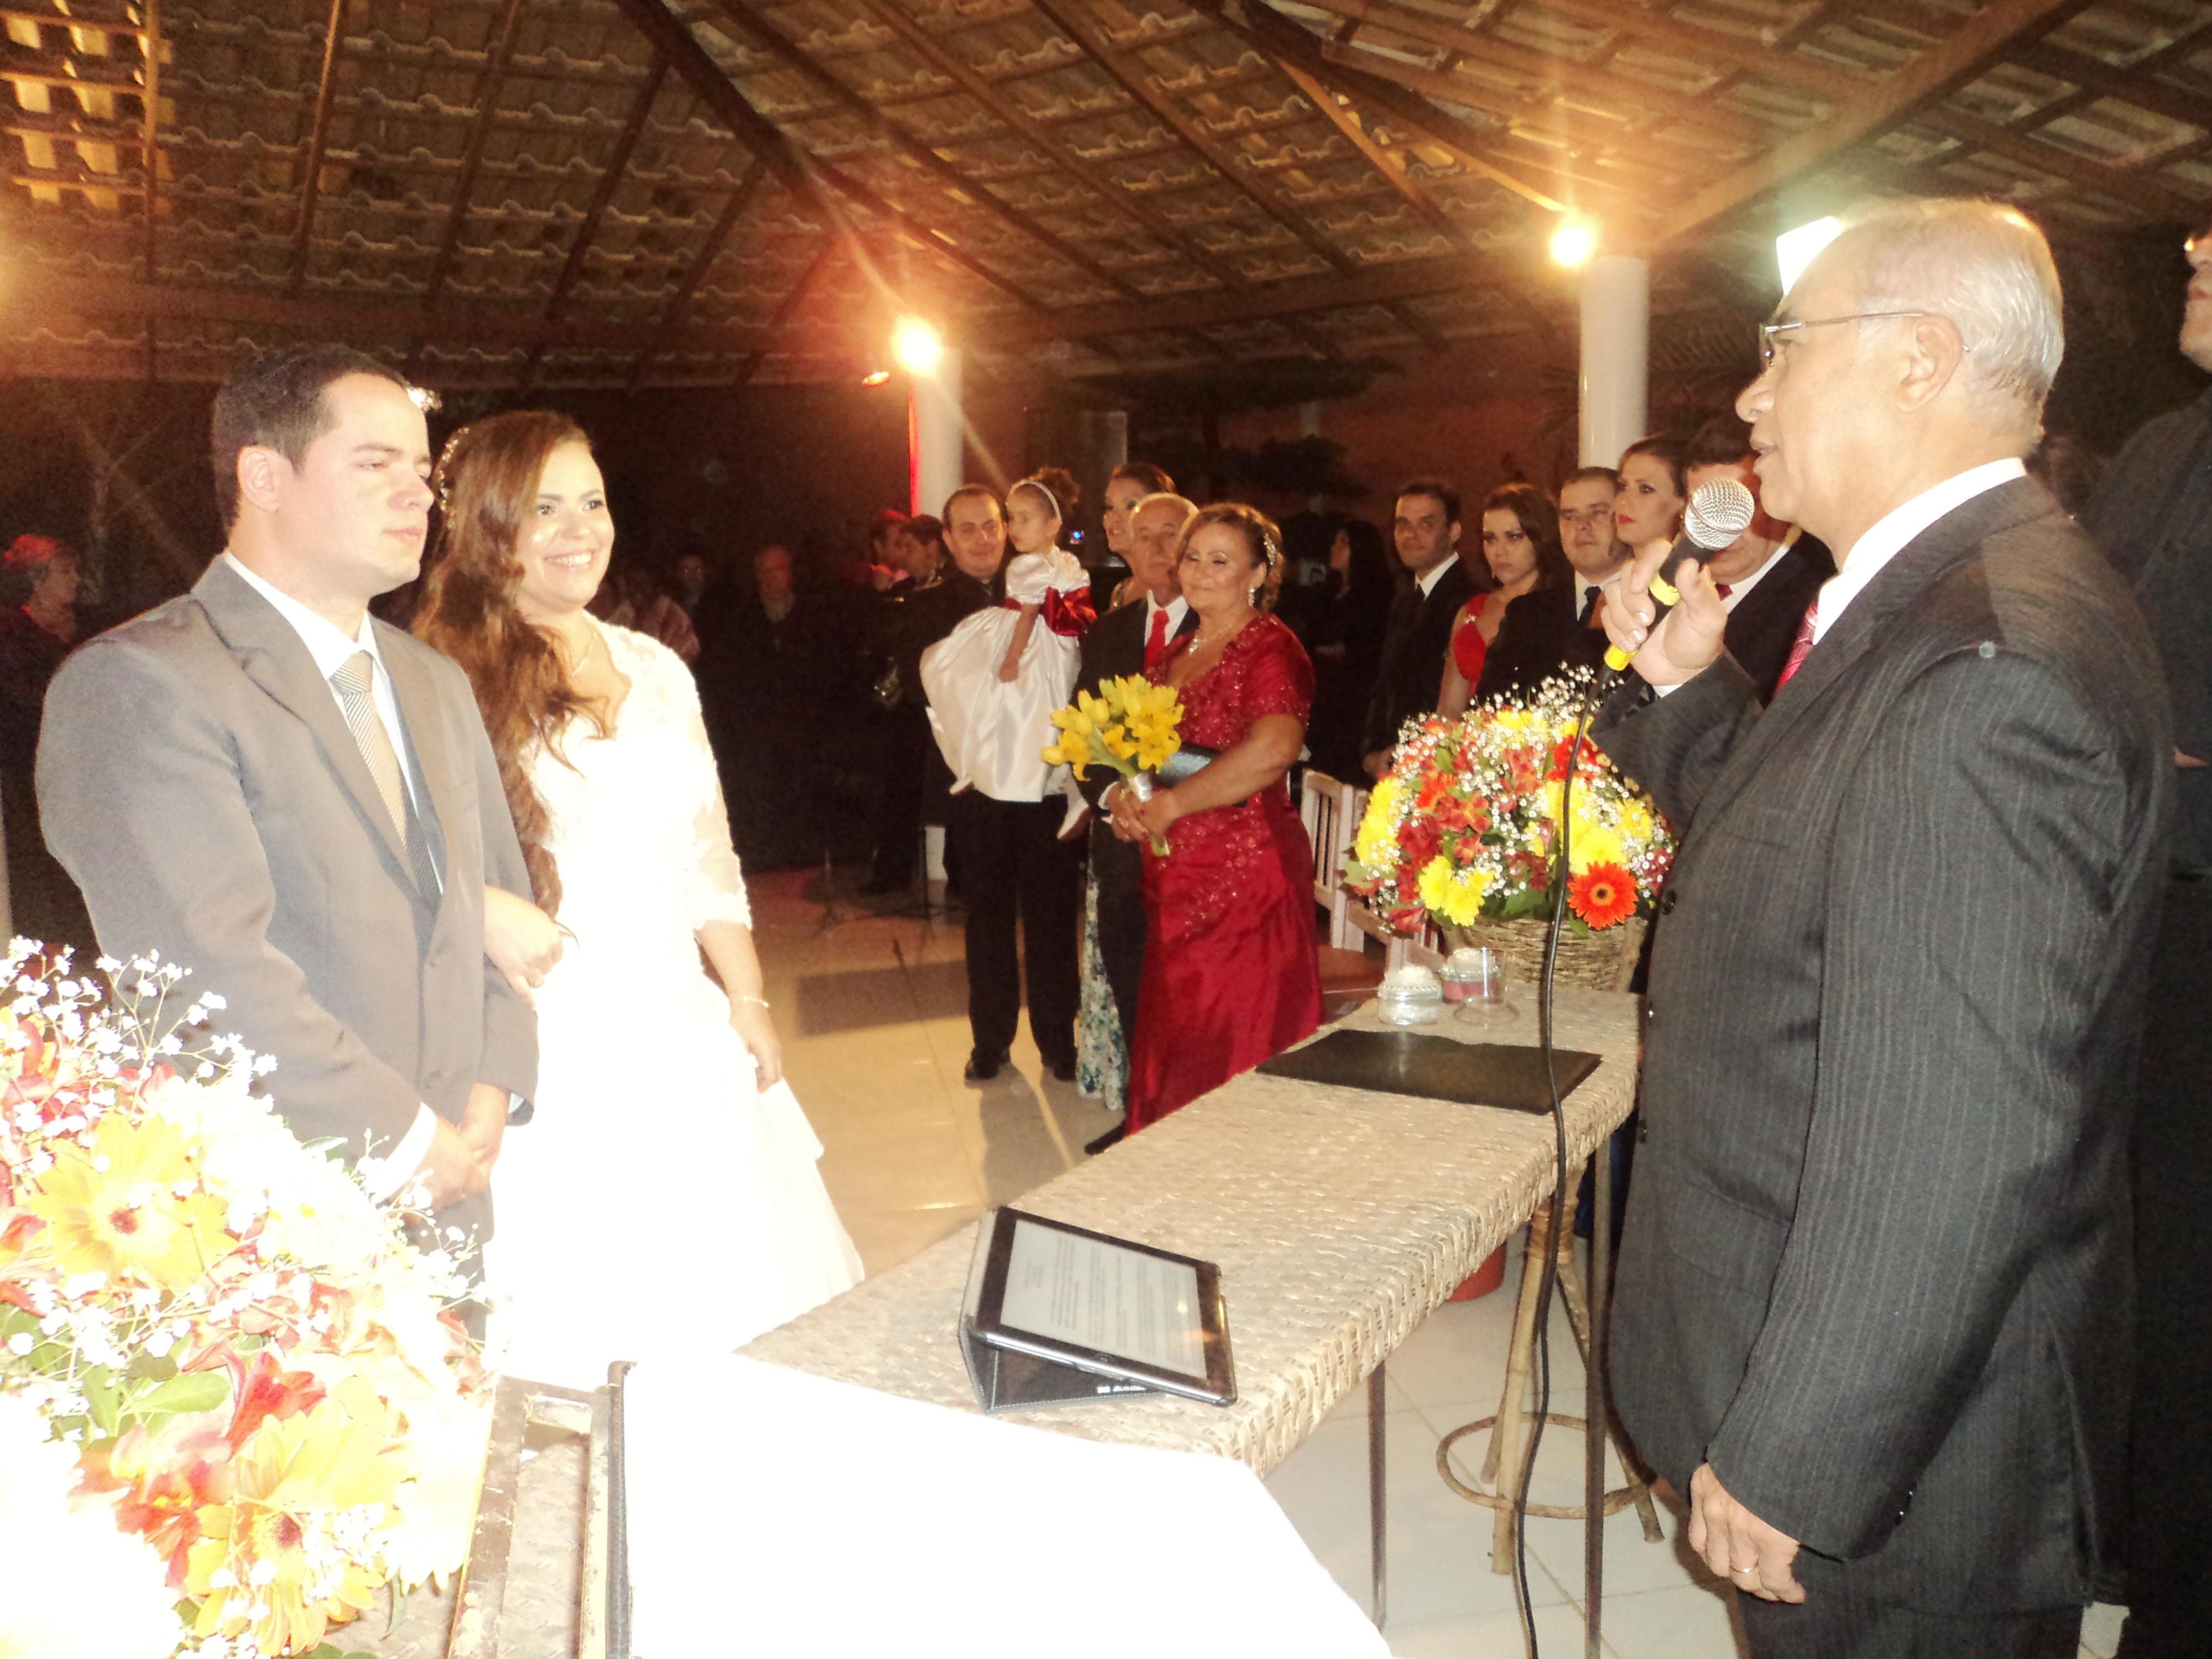 foto excelente cerimônia de casamento Monique e Edmilson, 26.7.14, Espaço Zion,Itaipu